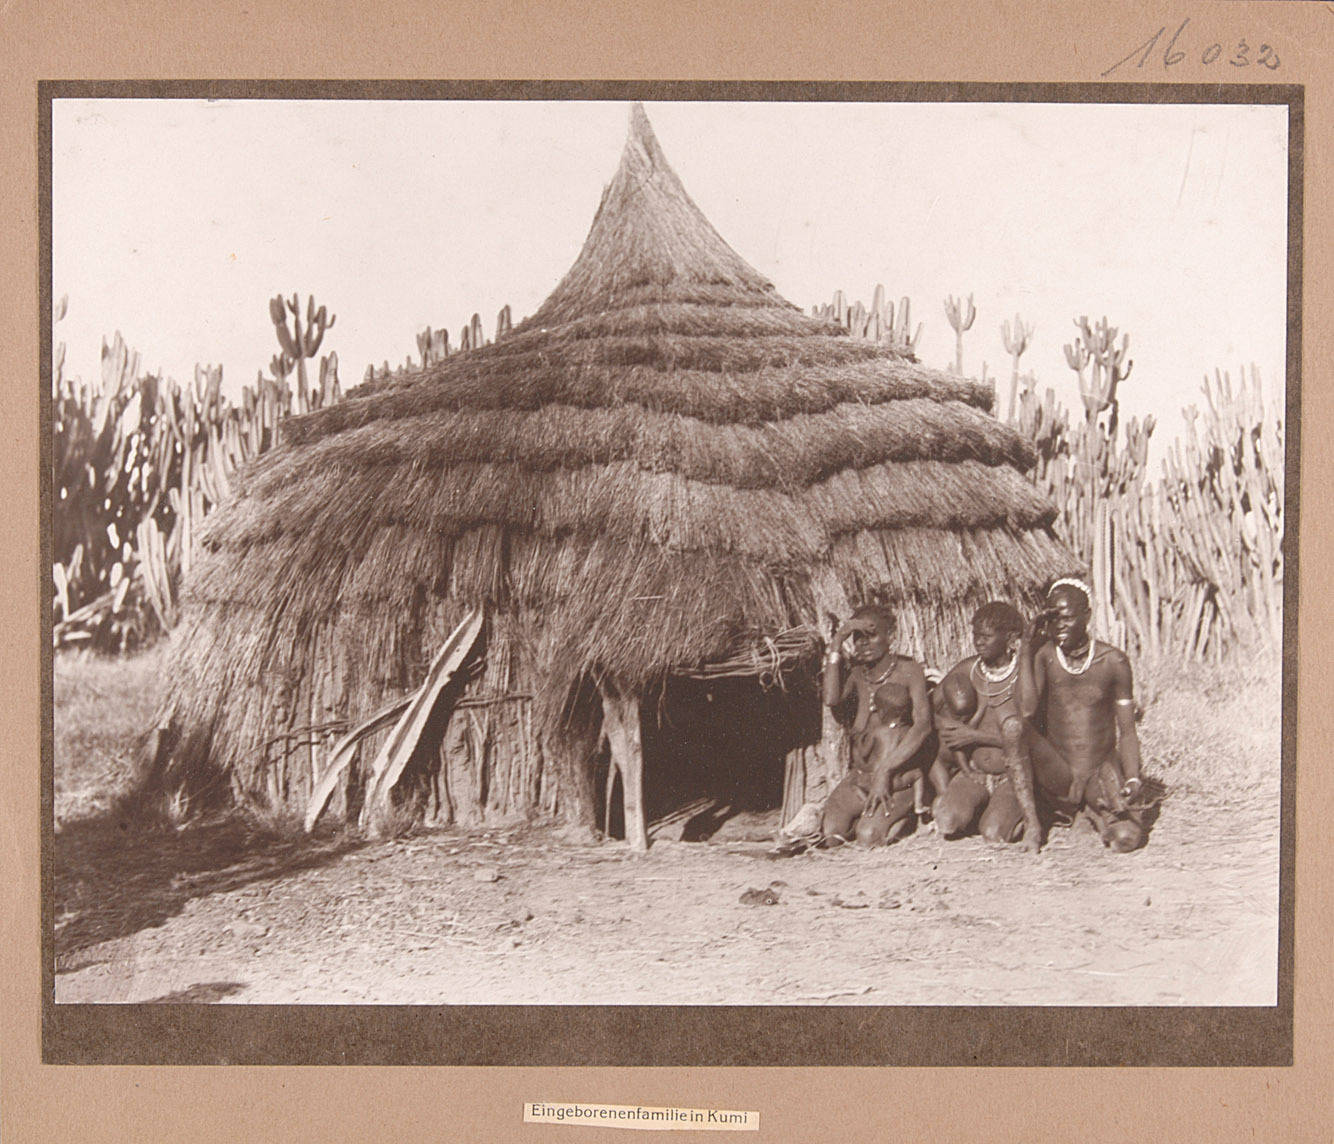 Eingeborenenfamilie in Kumi von Rudolf Kmunke